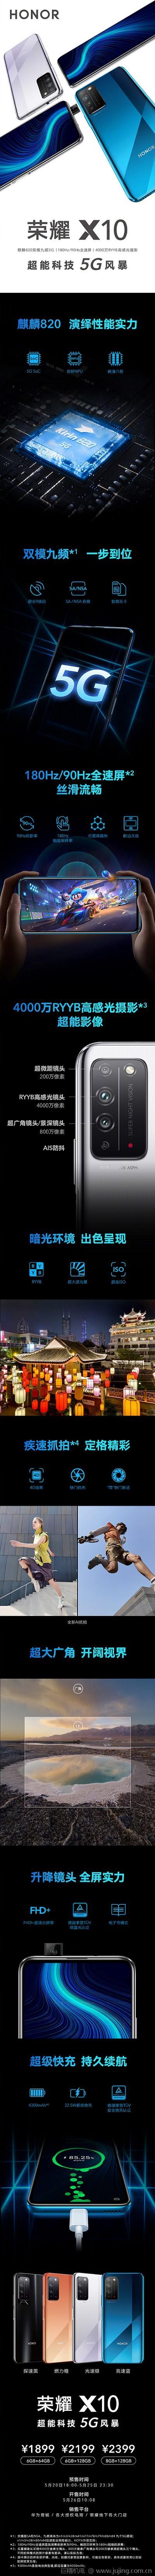 荣耀X10销量预期千万打底,赵明豪言在这个档位也没对手!